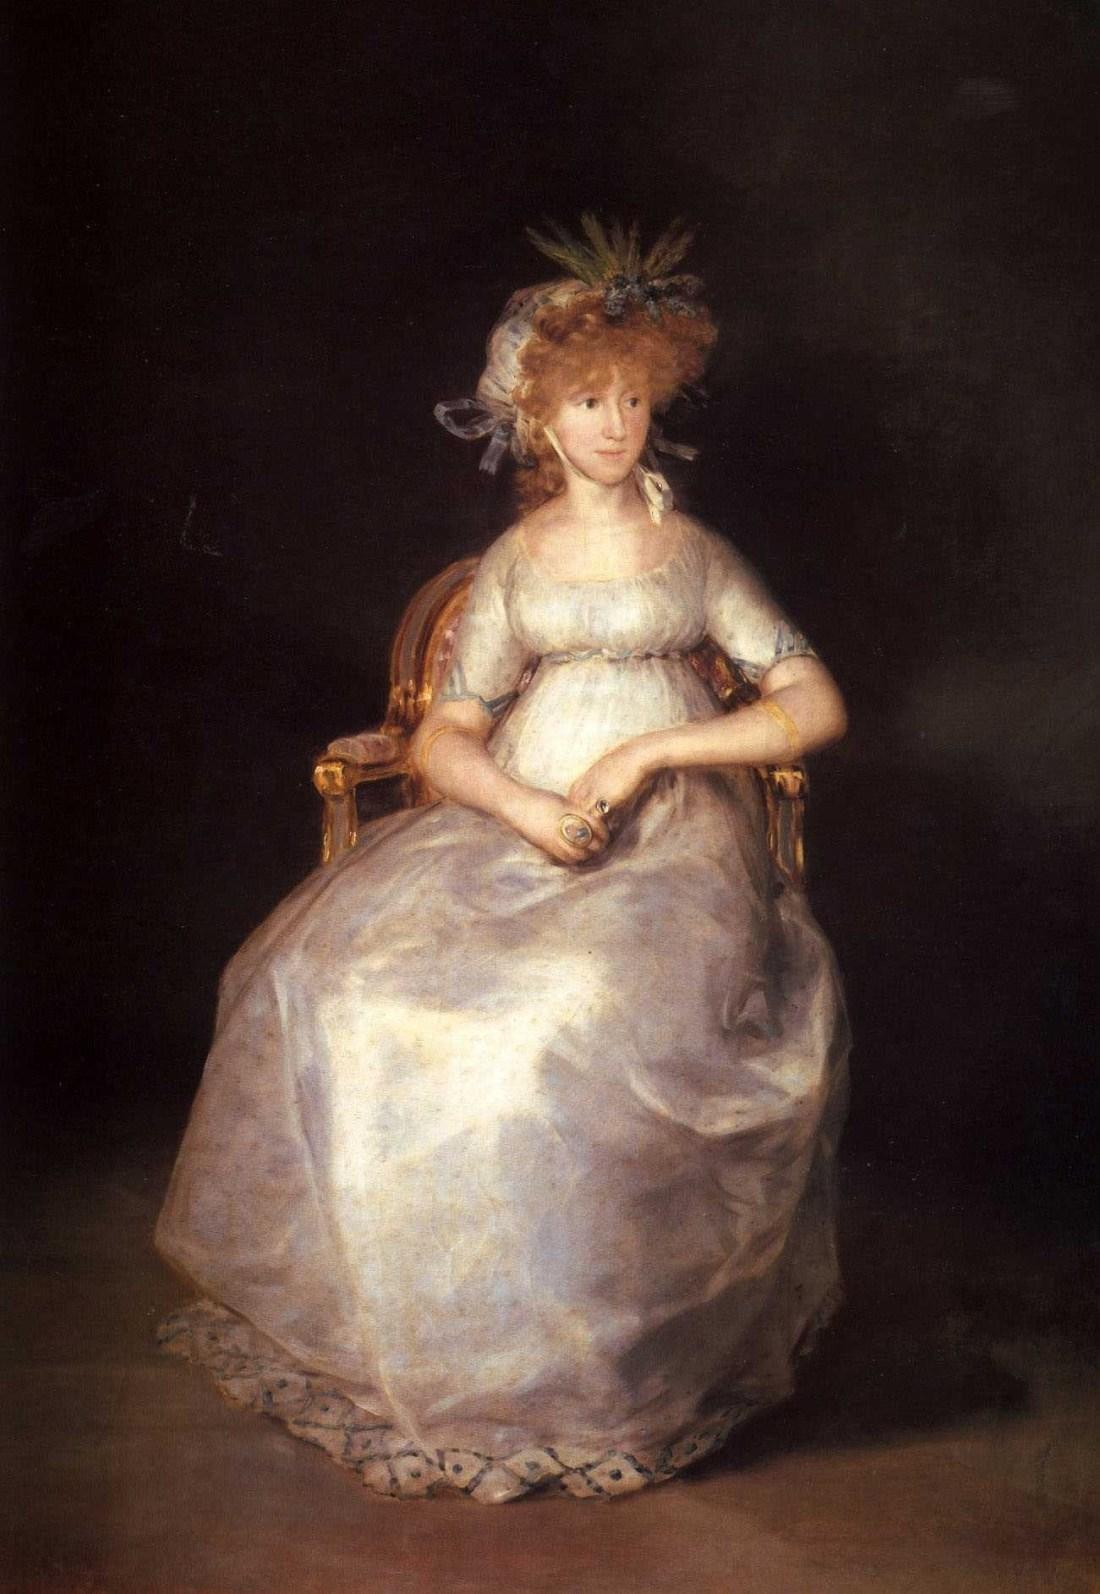 María Teresa Borbón y Vallabriga, Princesa de la Paz. Condesa de Chinchón. Lived from 1780 to 1828.